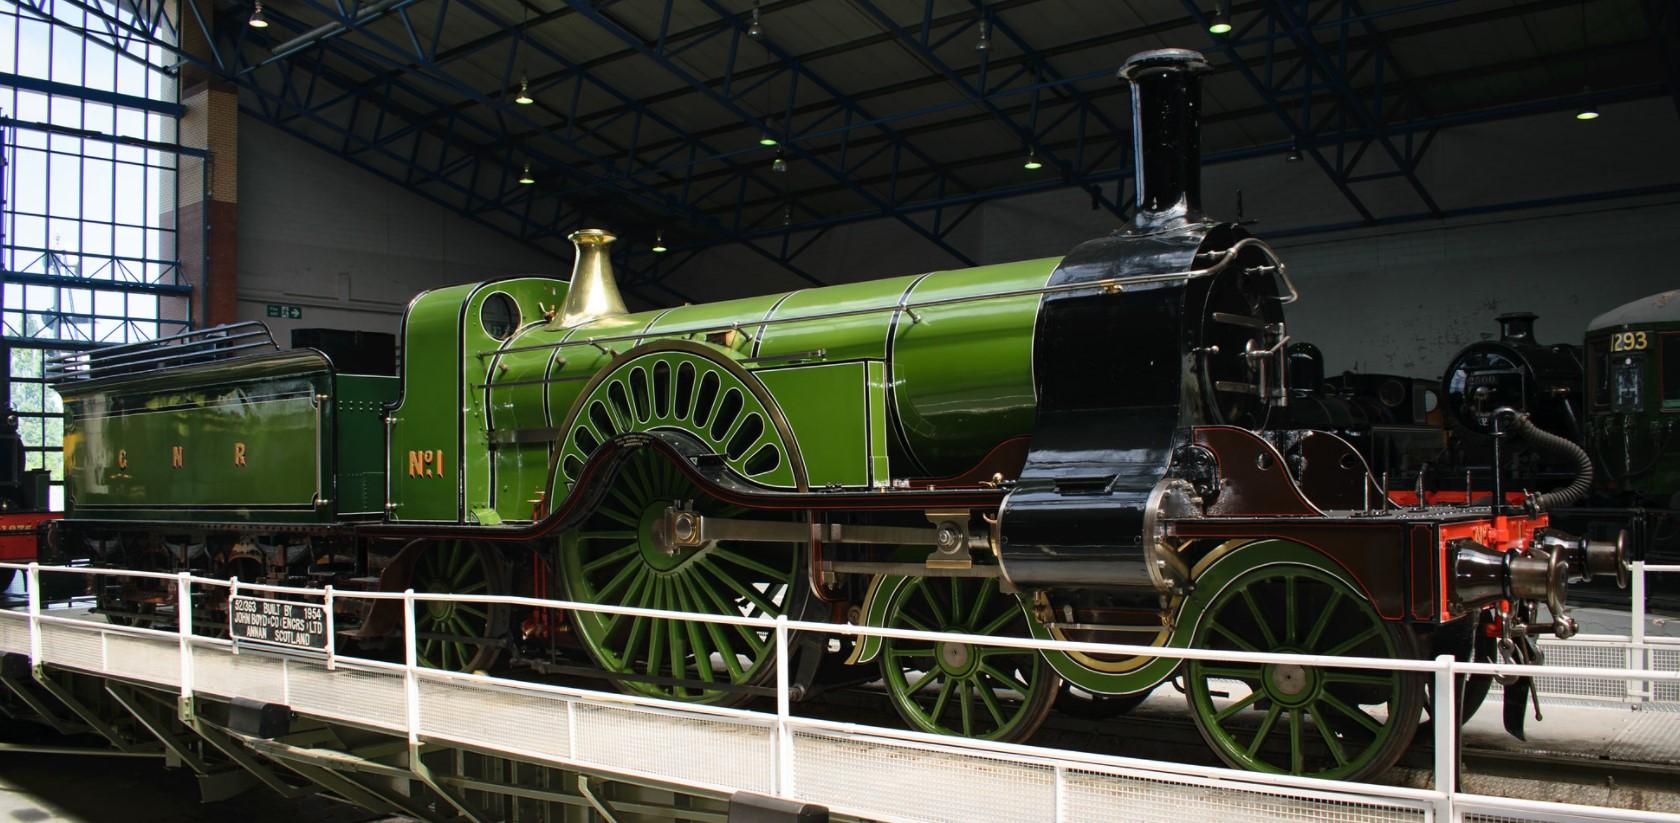 No.1 at the National Railway Museum, York in May 2018. ©Dan Adkins